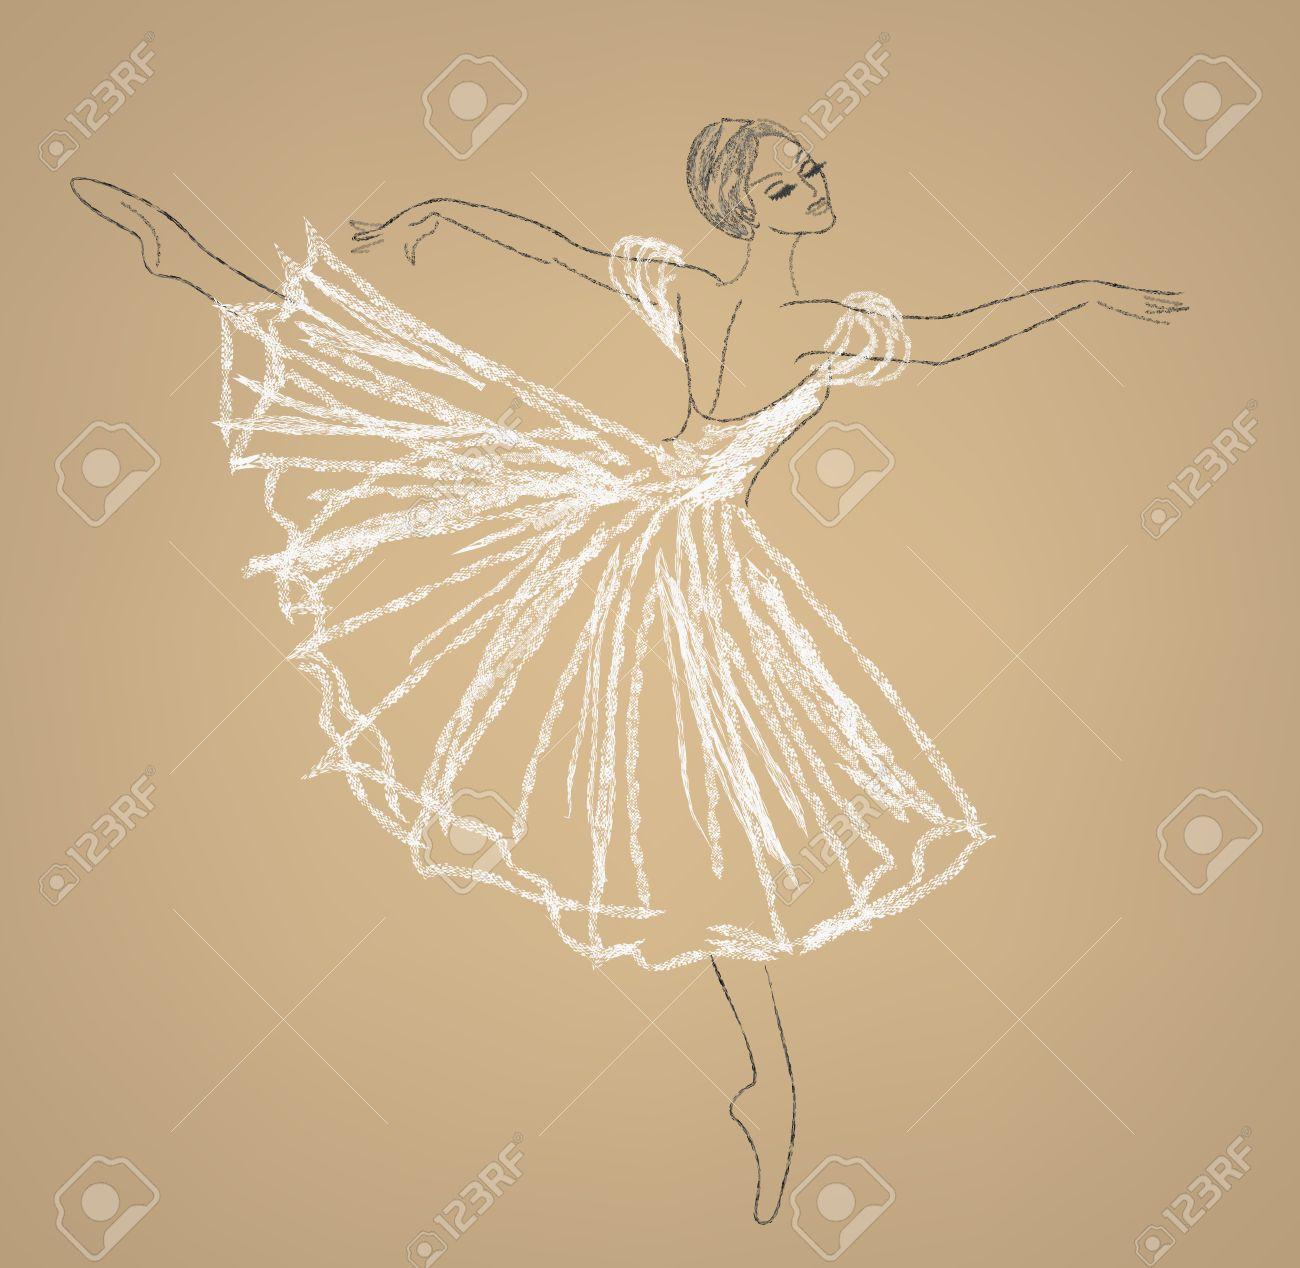 Dibujo A Lápiz De Bailarina En Vestido Blanco Ilustraciones